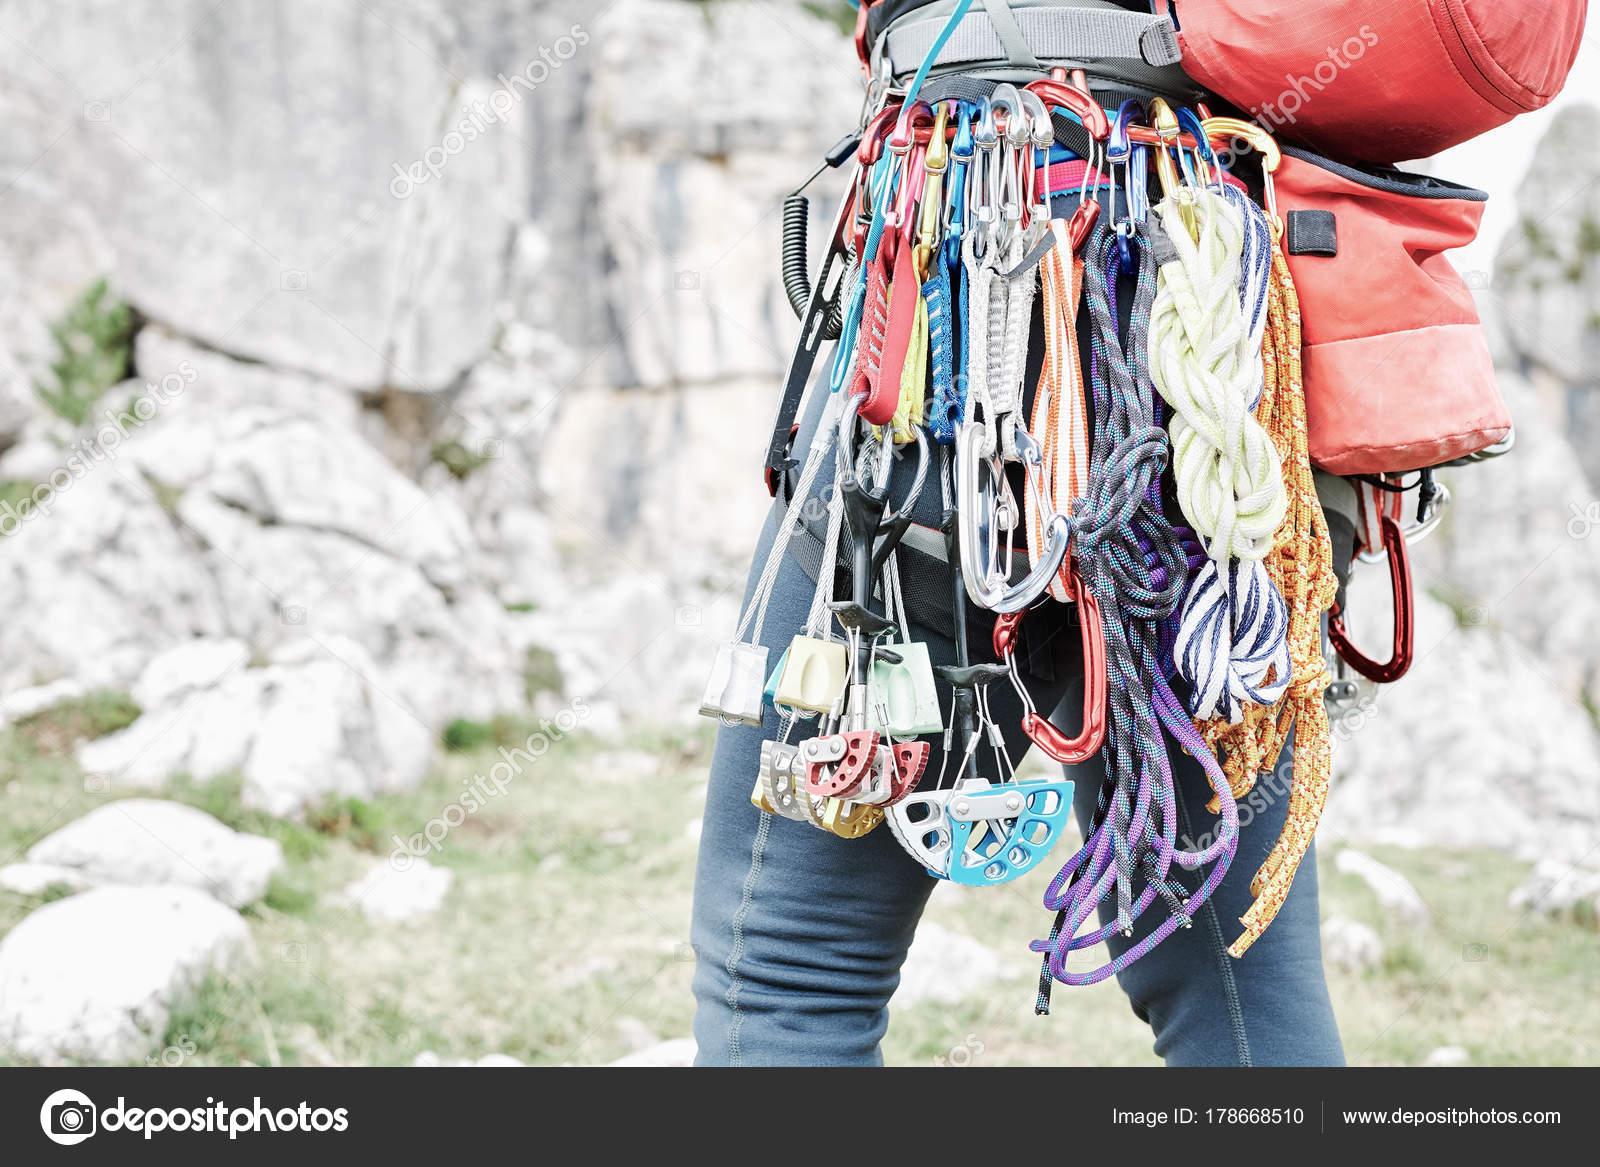 Rucksack Kletterausrüstung : Trad kletterausrüstung rack nahe bis u stockfoto furtaev